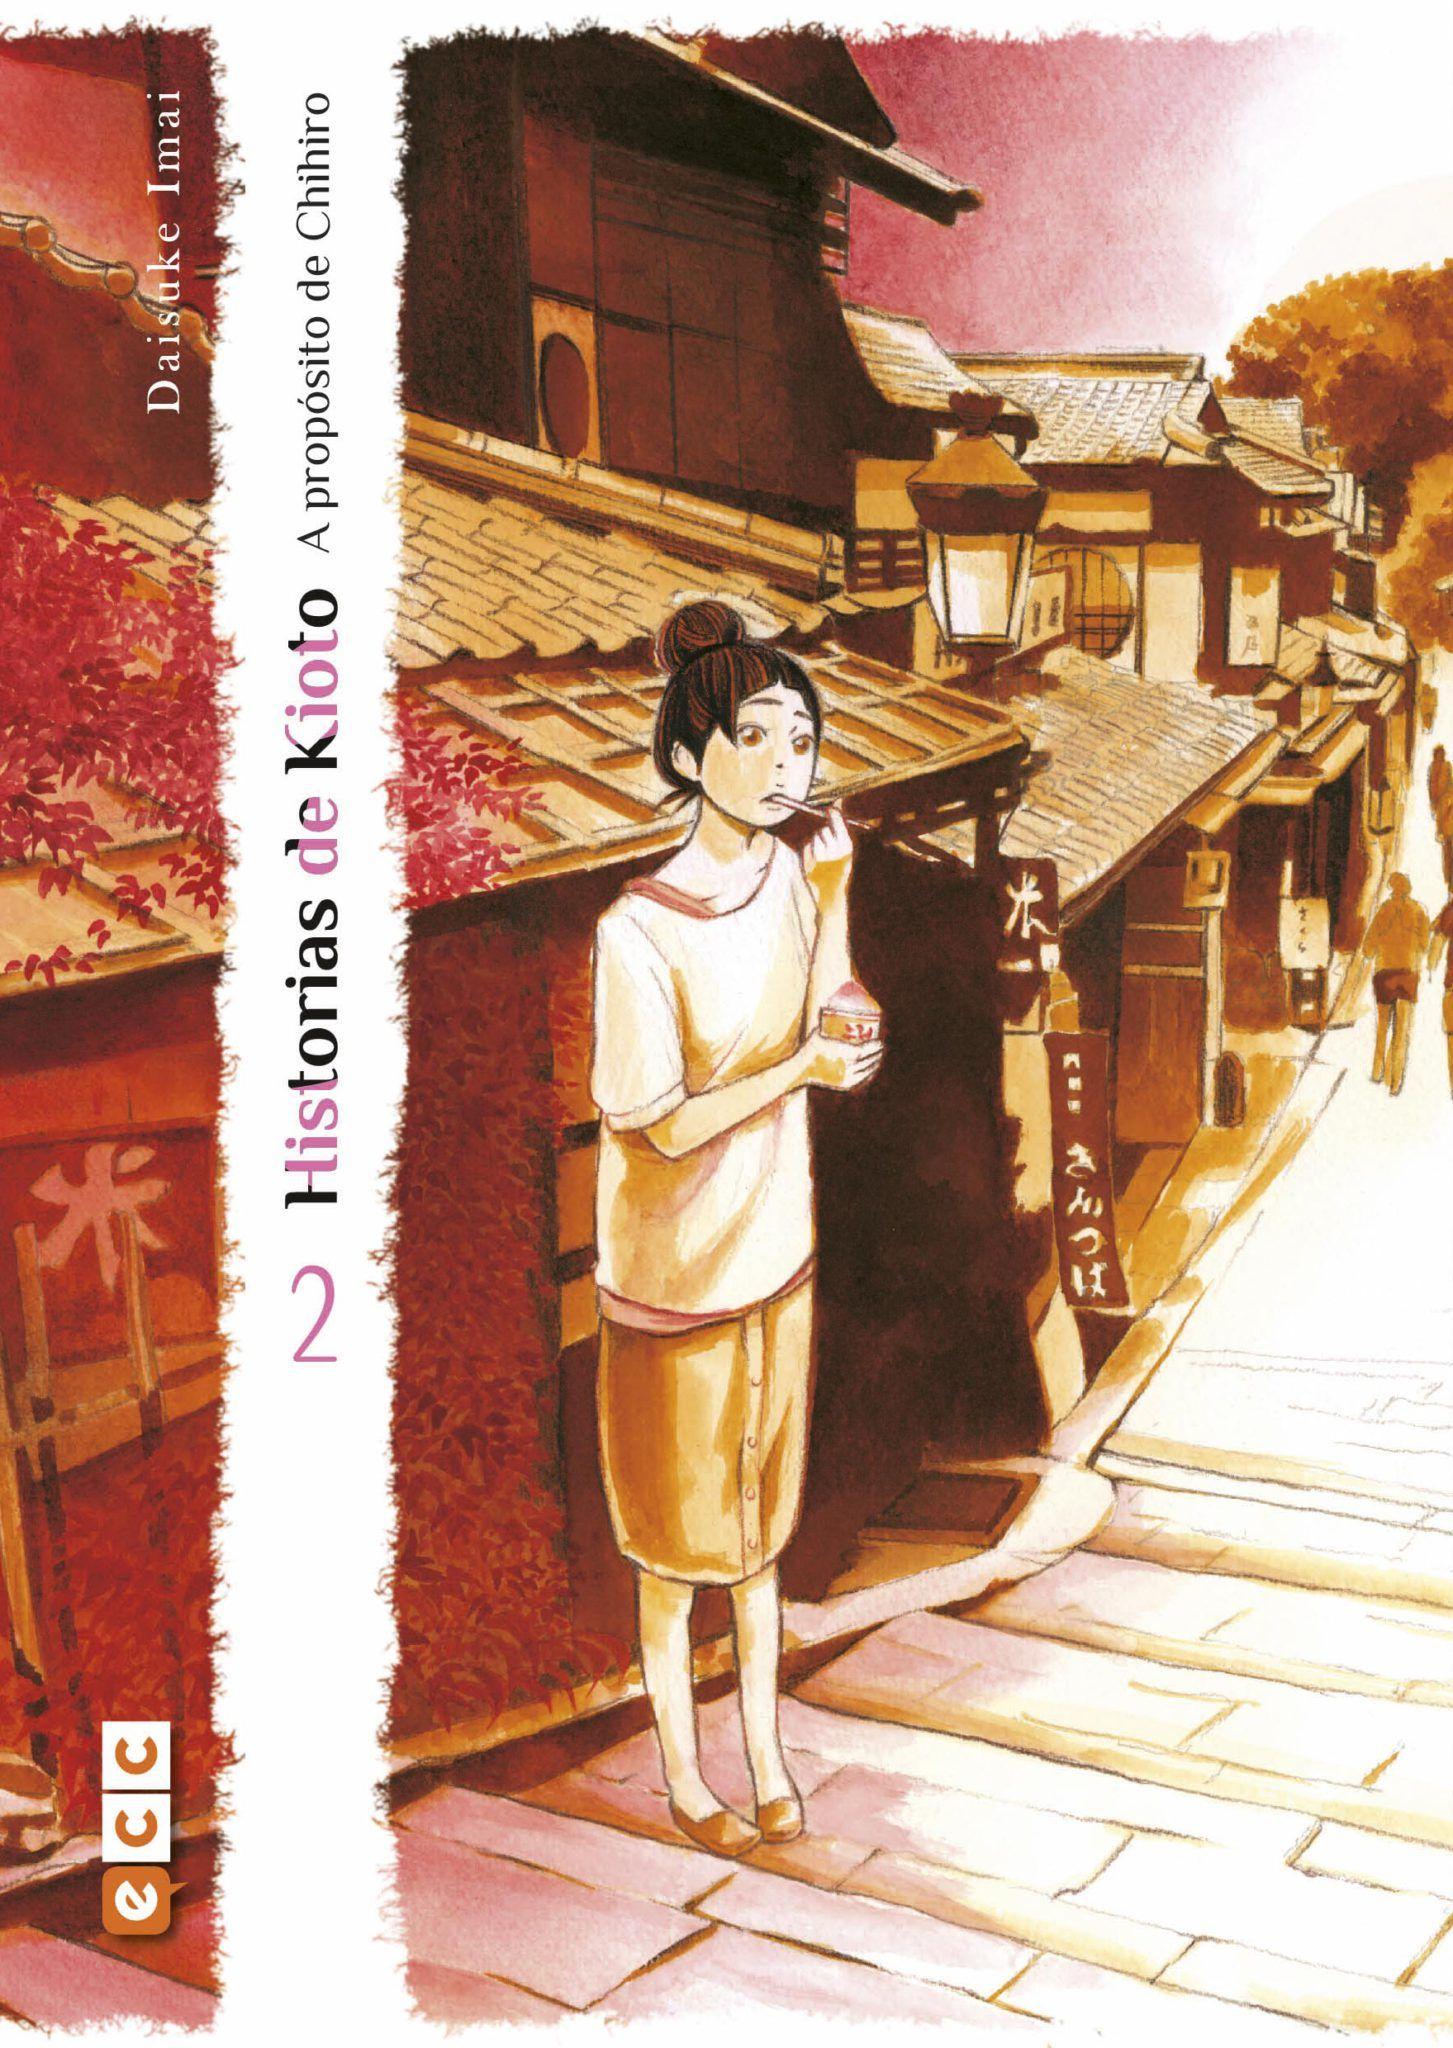 sobrecubierta_historias_kioto_CHIHIRO_num2_WEB